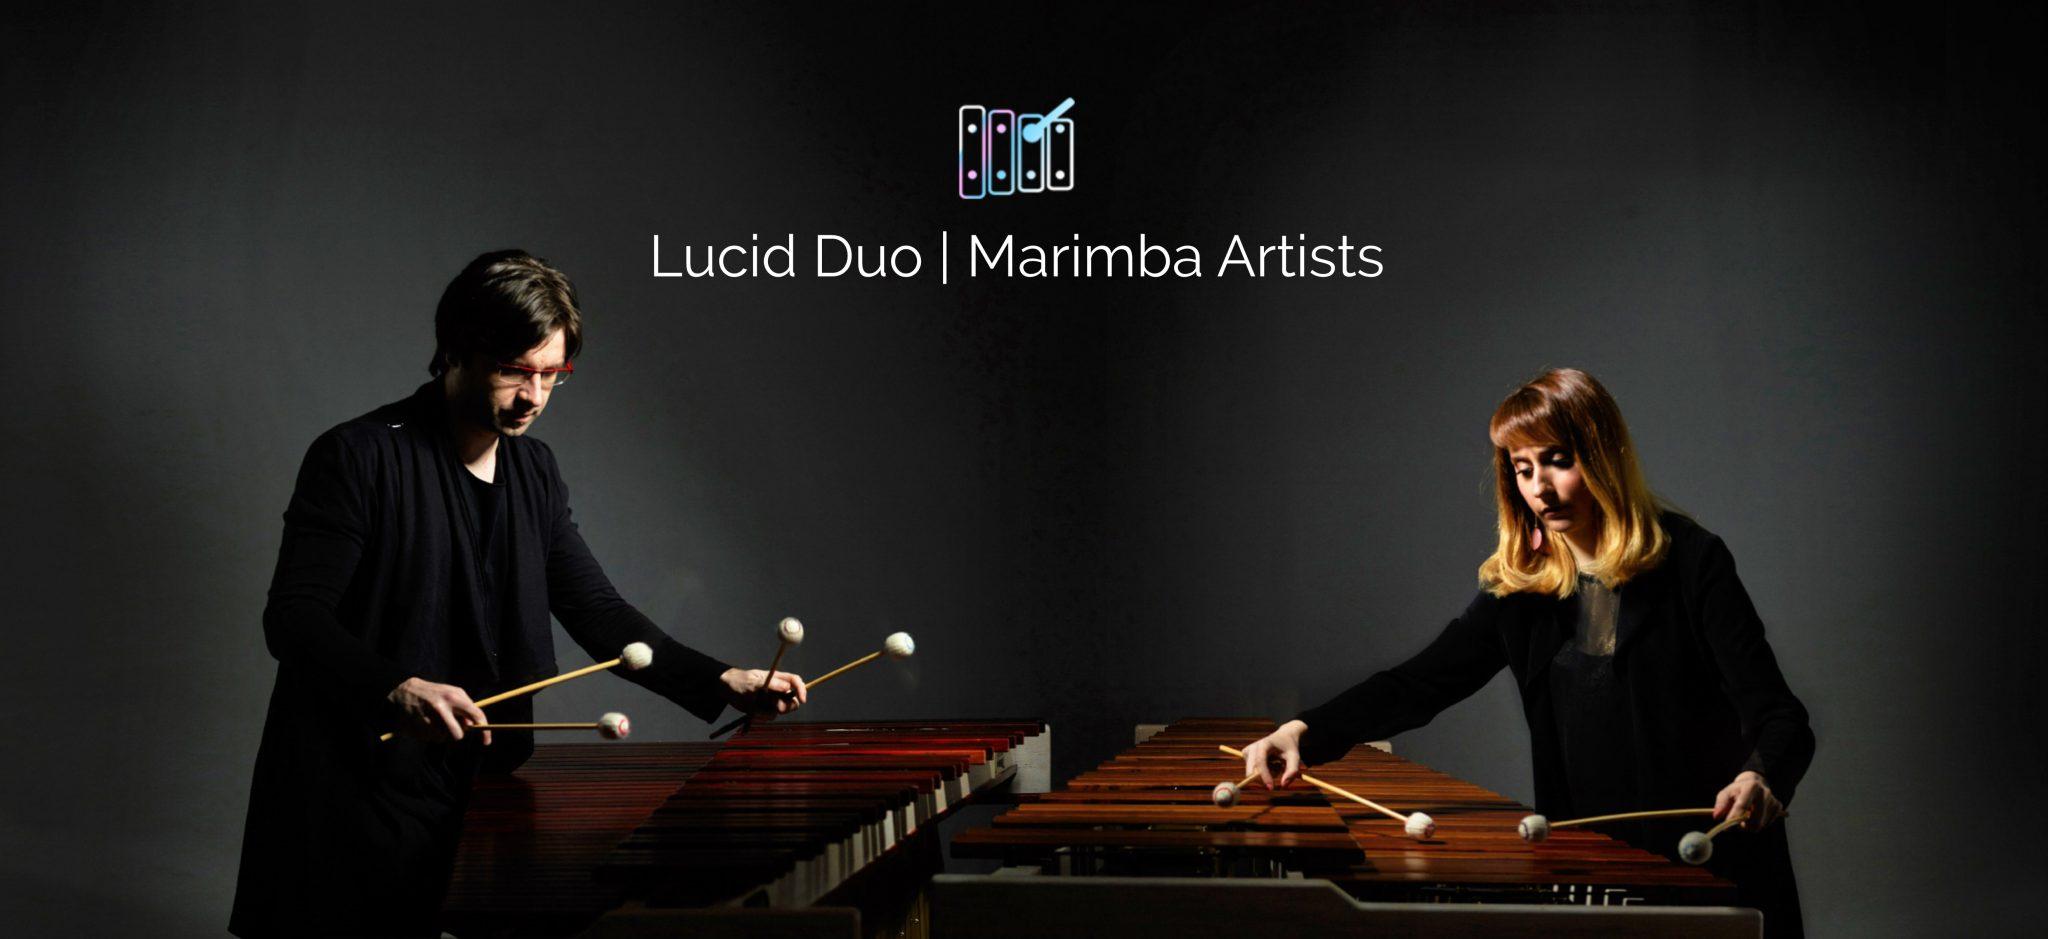 Lucid Duo